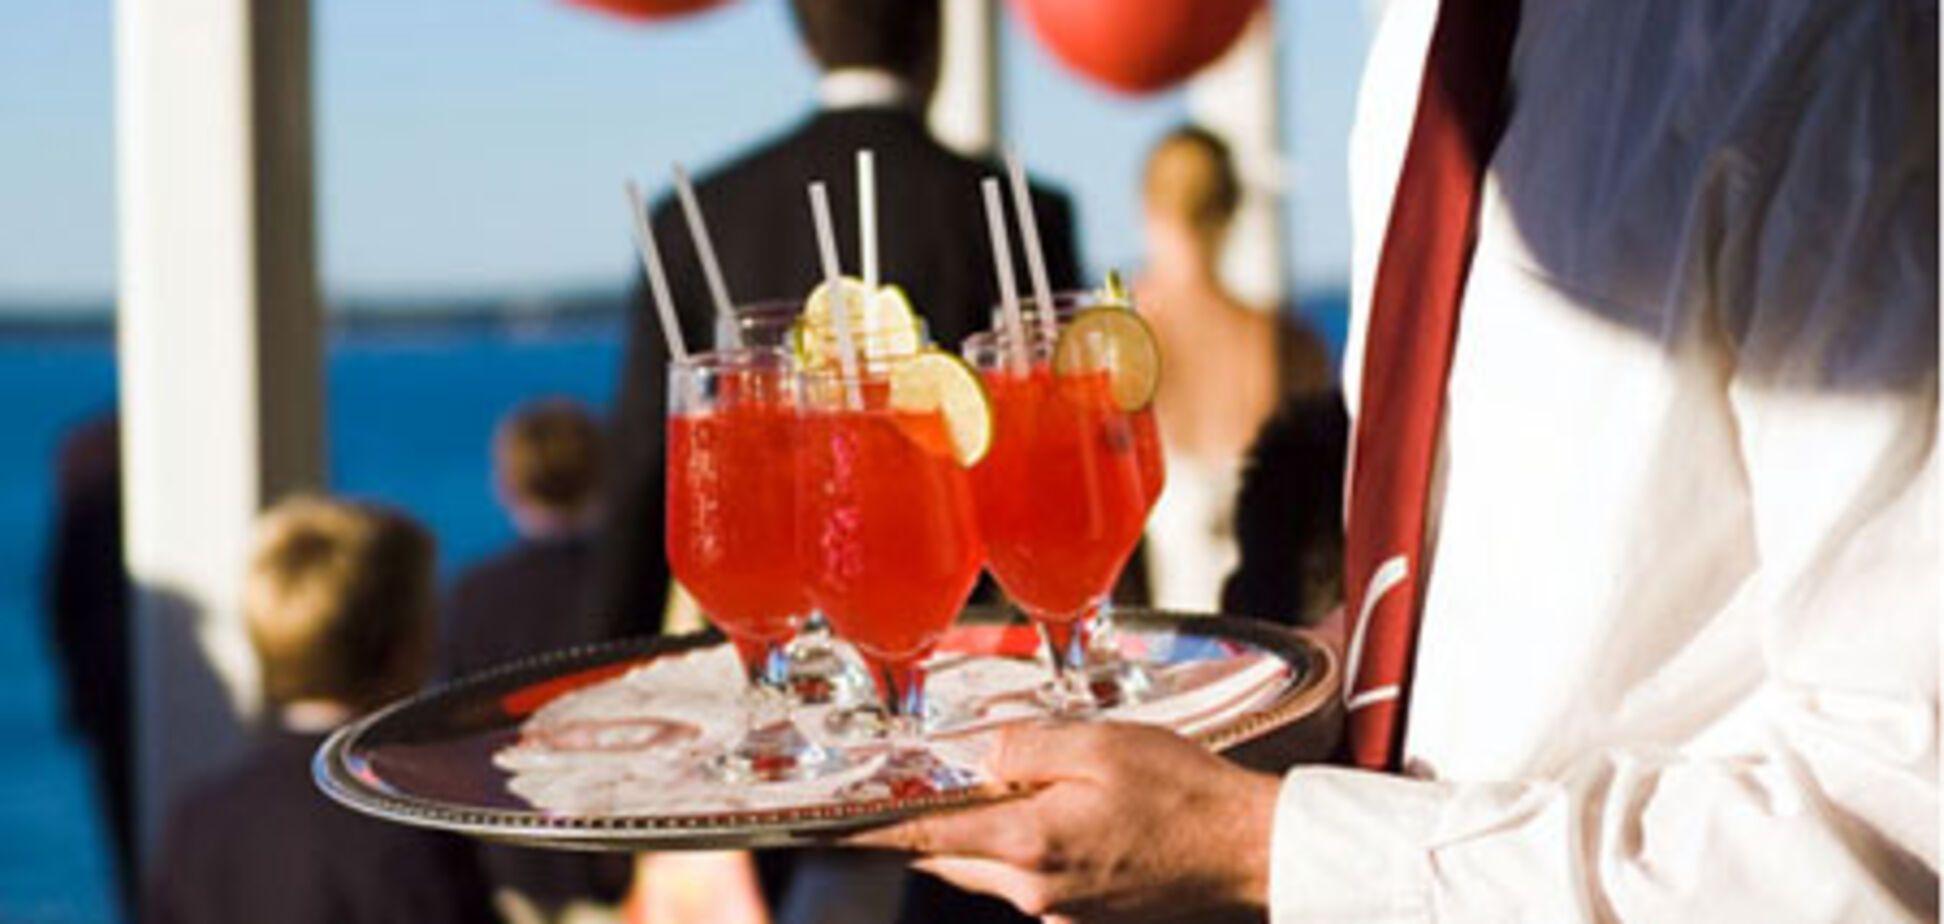 Пообедать в недешевых заведениях теперь можно с собственным алкоголем